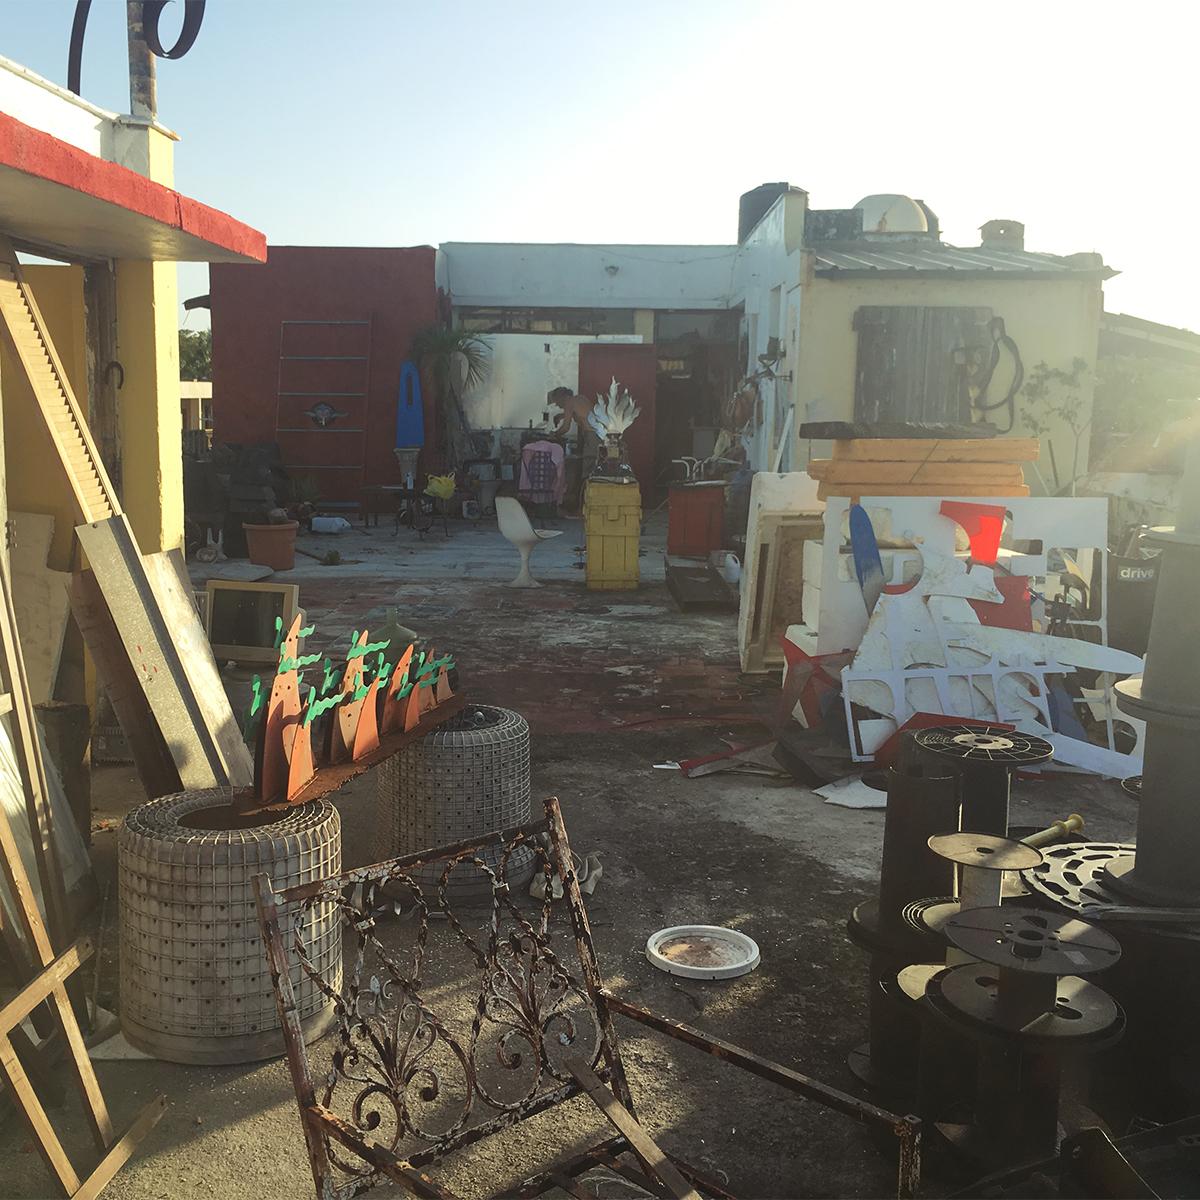 El taller del artista en Ciudad Nueva, Santo Domingo. Foto por José Morbán.